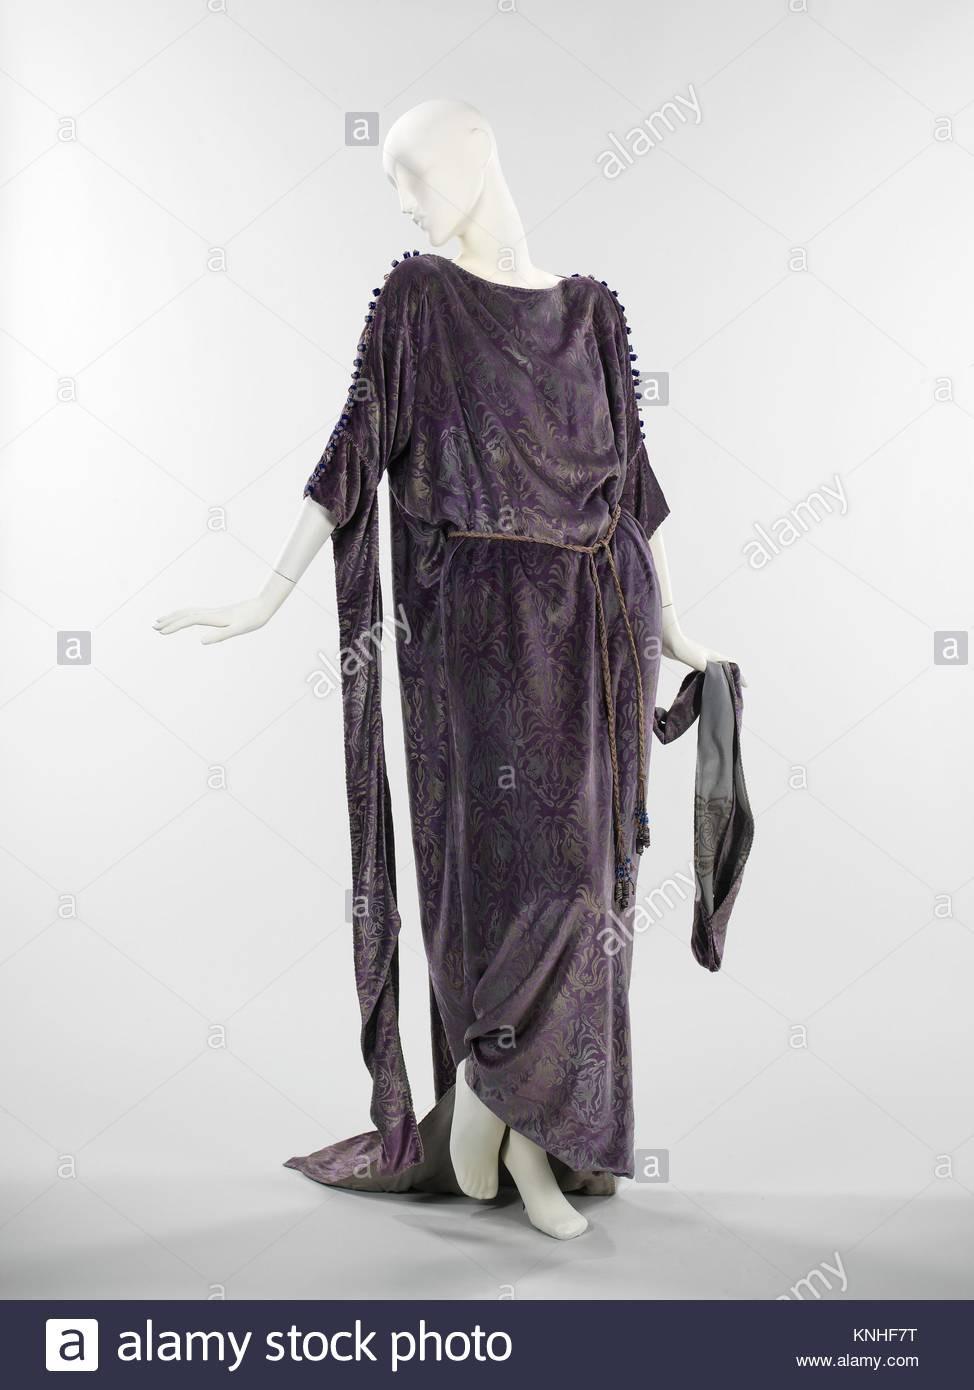 10 Luxus Abendkleid Italienisch Ärmel20 Leicht Abendkleid Italienisch Spezialgebiet